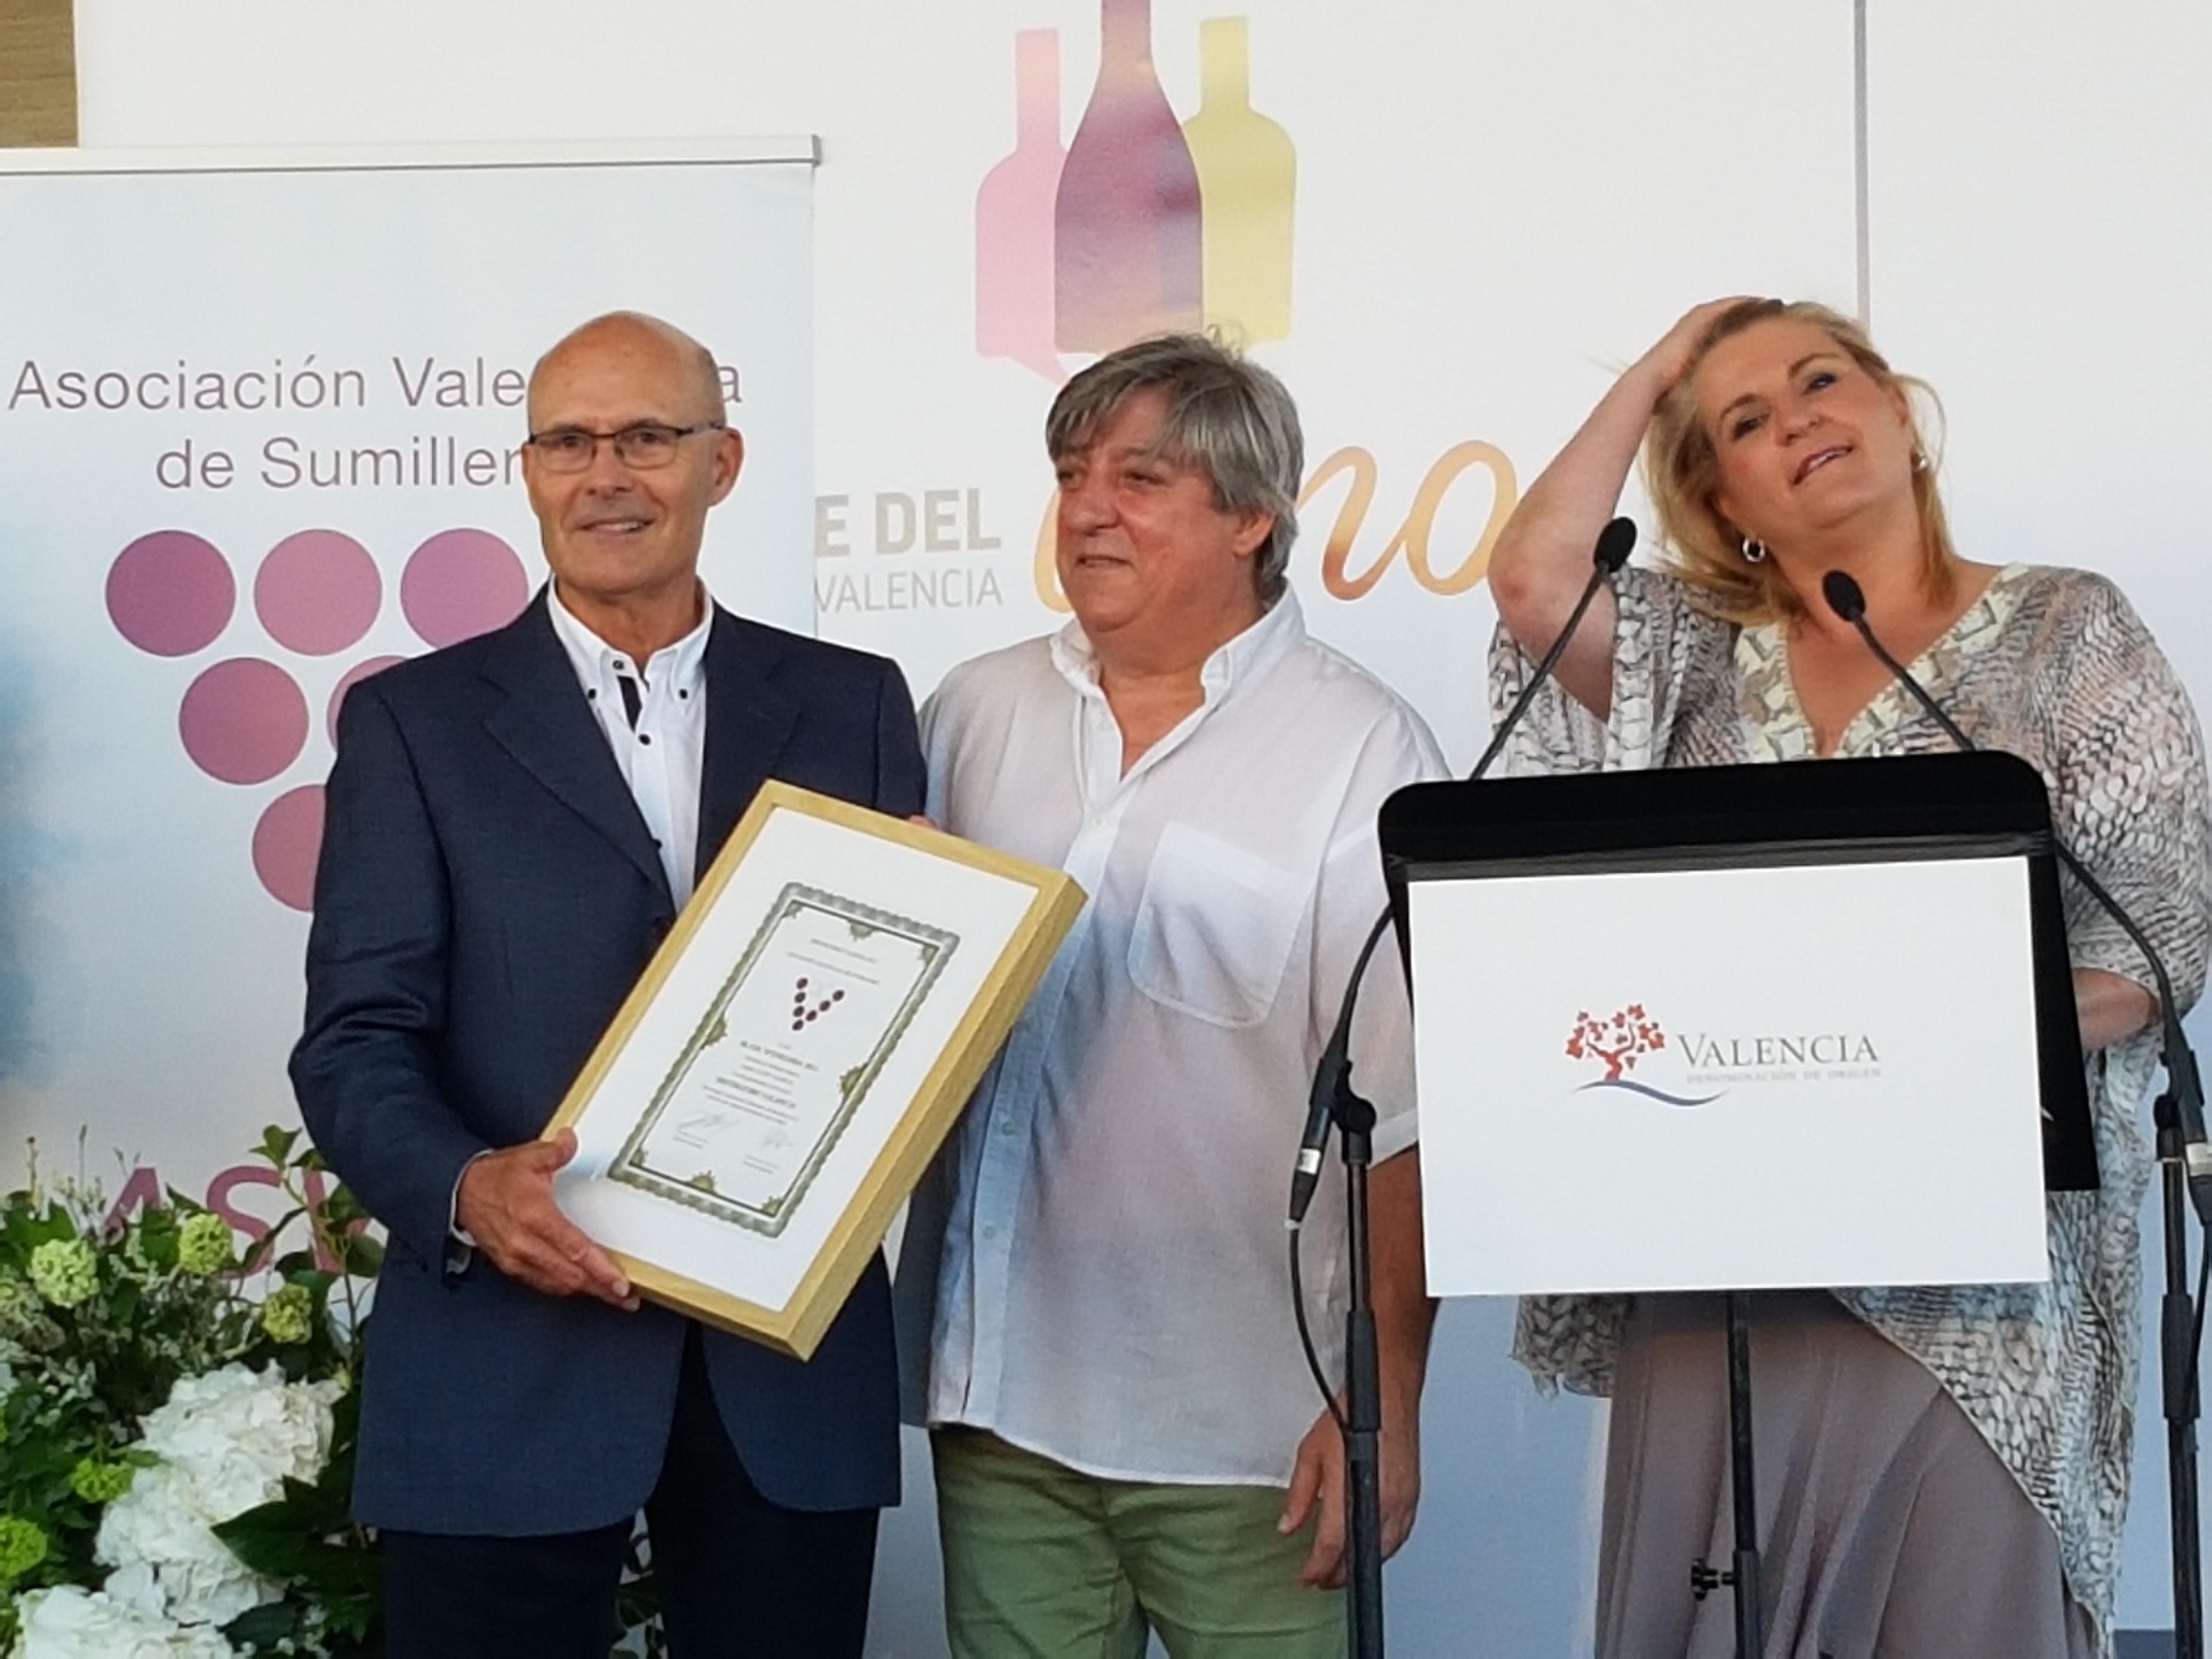 DOP Valencia celebró su XII edición de la Noche del Vino con la entrega de premios y distinciones